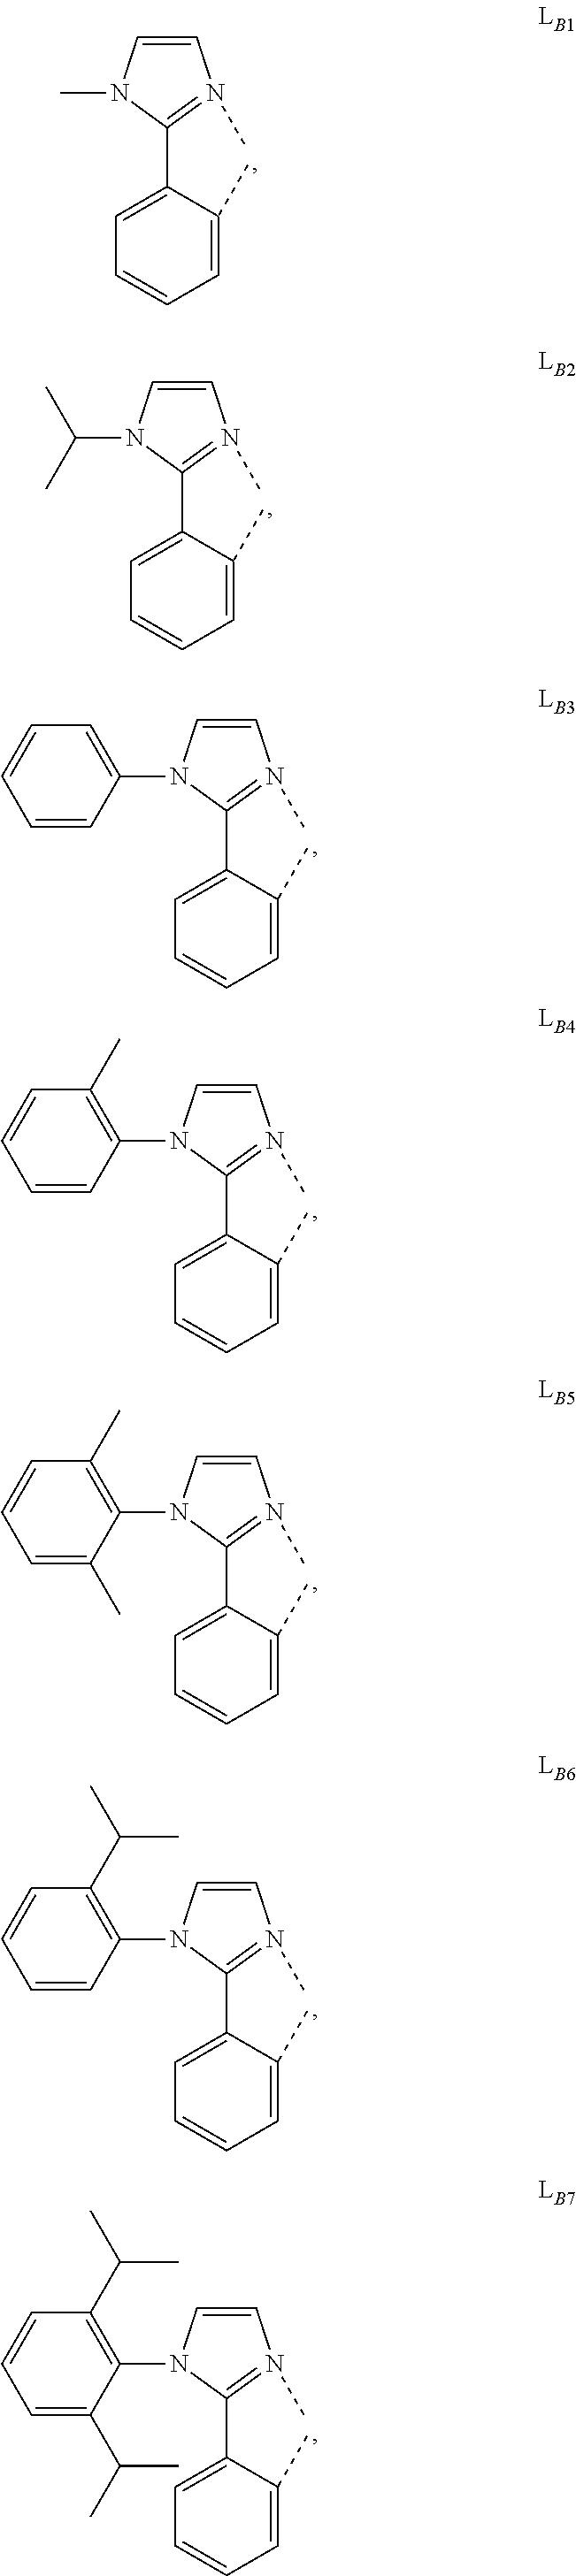 Figure US10043987-20180807-C00333